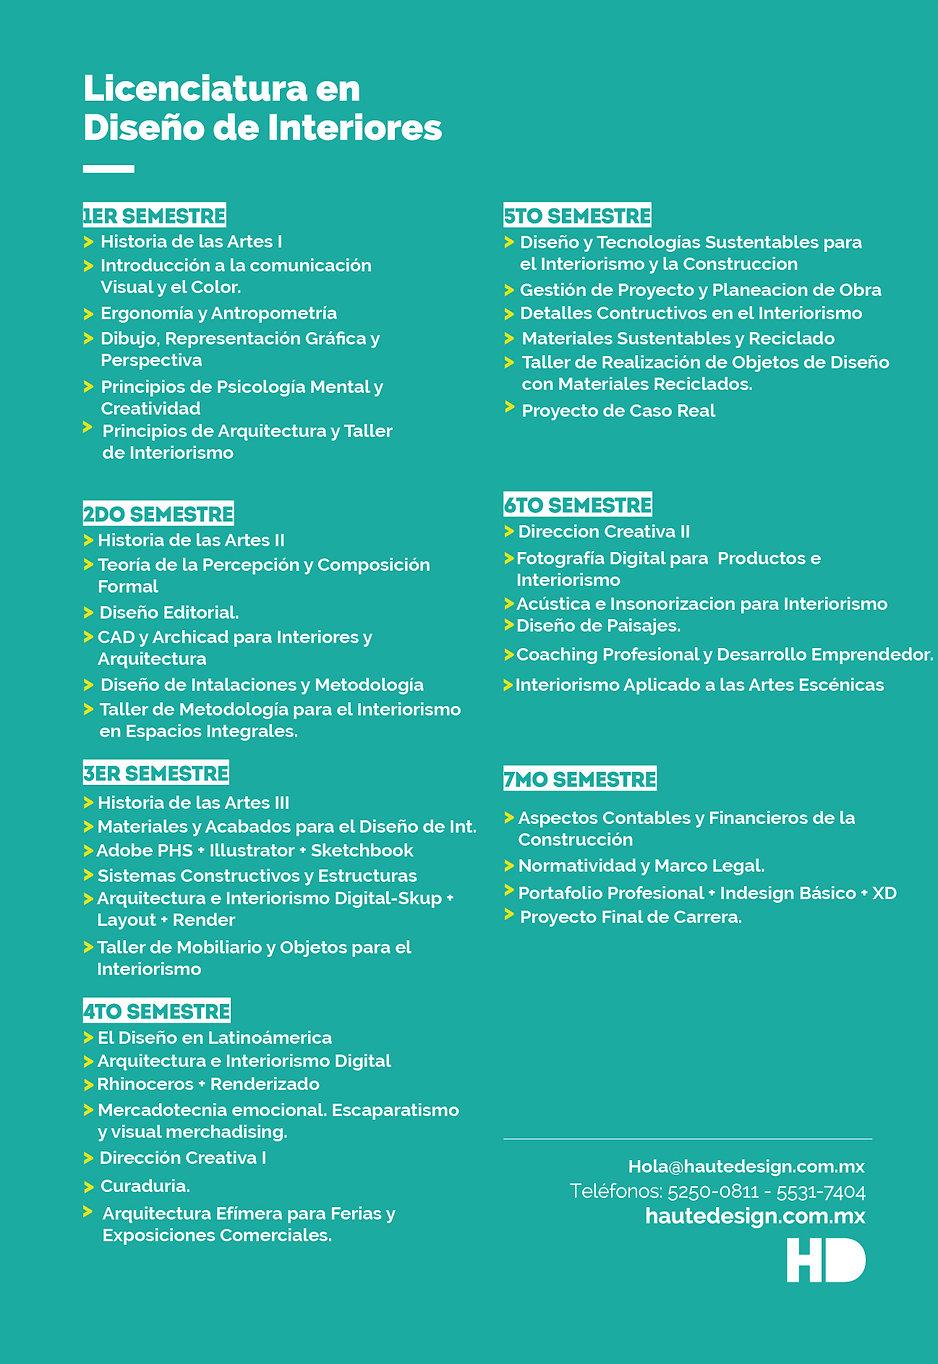 Licenciatura en Diseño de Interiores.jpg